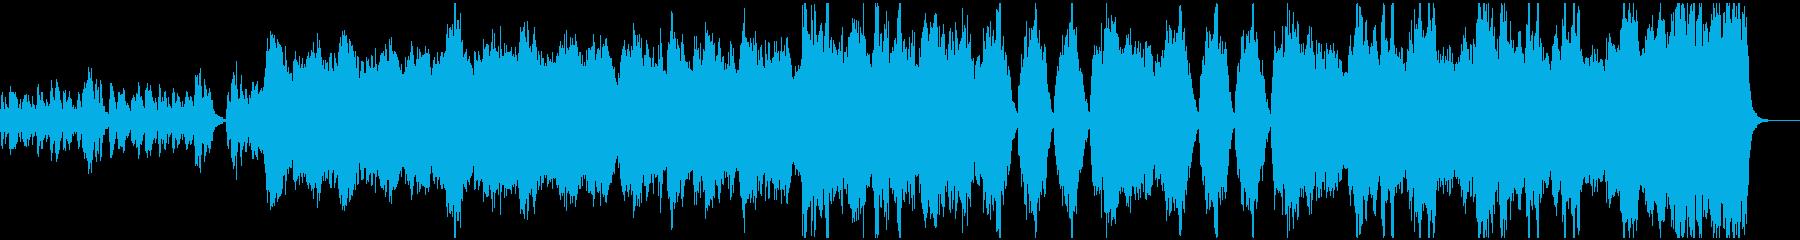 管弦楽によるアジアンテイストなBGMの再生済みの波形